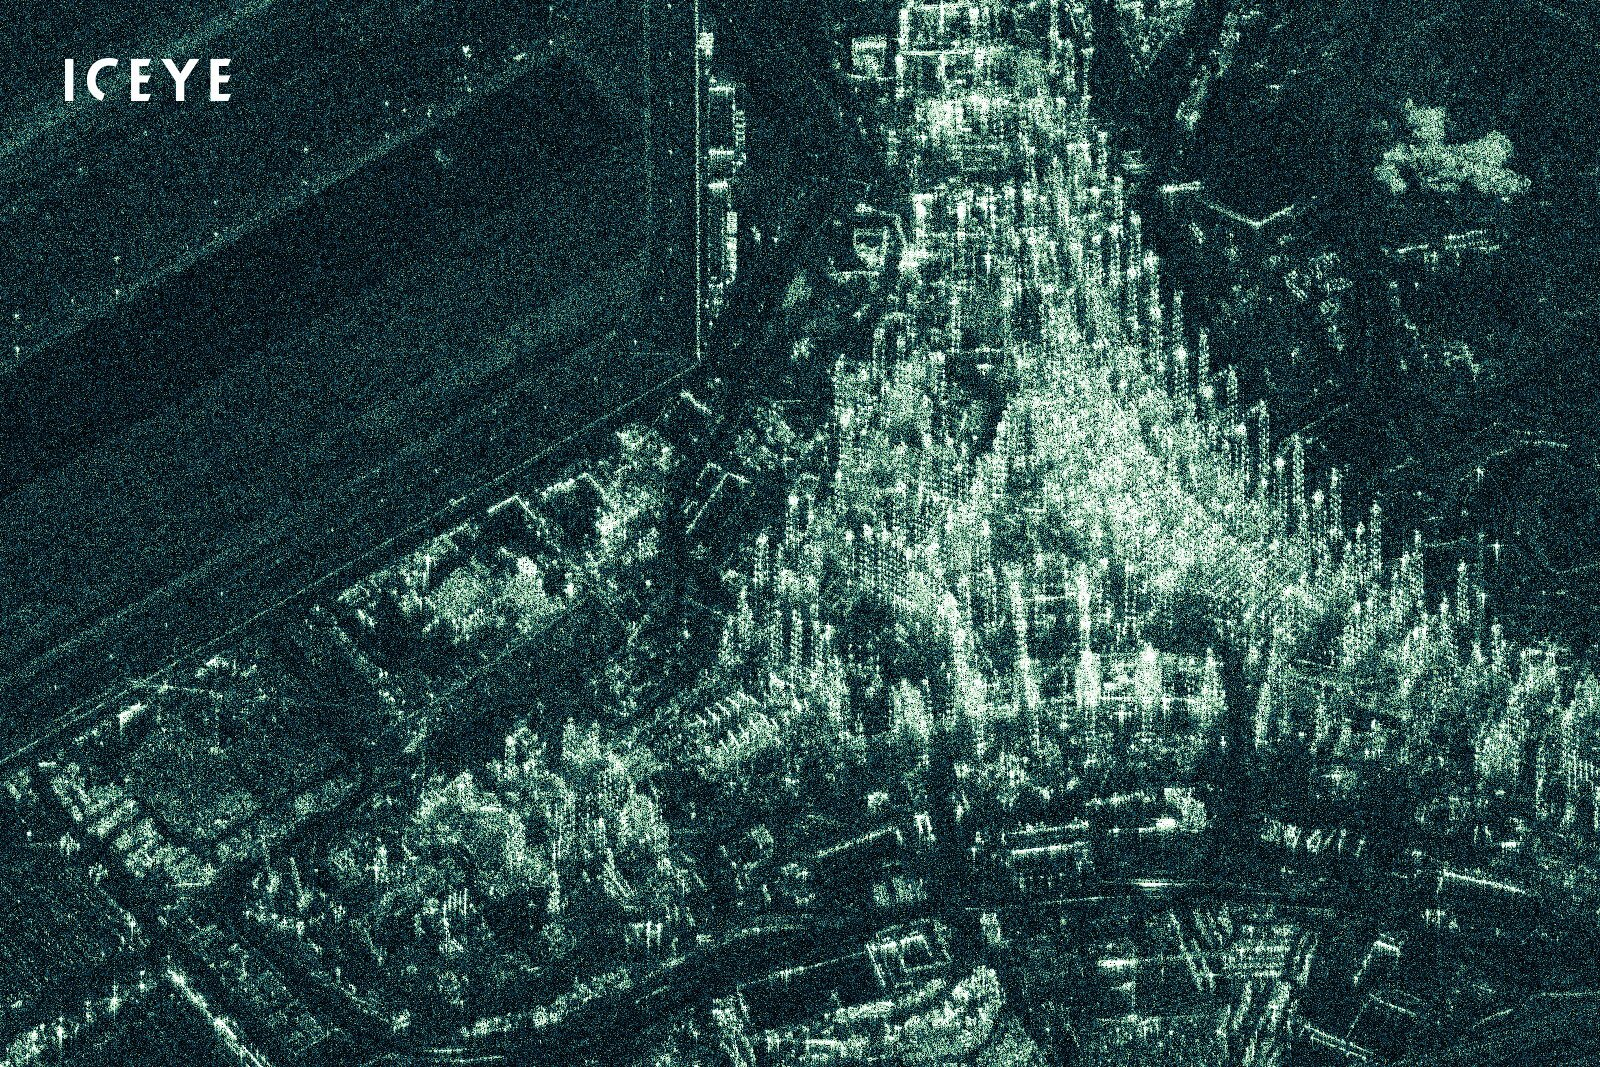 ICEYE:n satelliitit mittaavat maapallon pintaa SAR-tutkan avulla. - Yhtiö suunnittelee aloittavansa tutkadatan tarjoamisen kuuden satelliitin konstellaatiolla, jota on tarkoitus laajentaa myöhemmin jopa 50 satelliittiin, mikä mahdollistaisi minkä tahansa alueen kuvaamisen muutaman tunnin kuluessa tilauksesta.